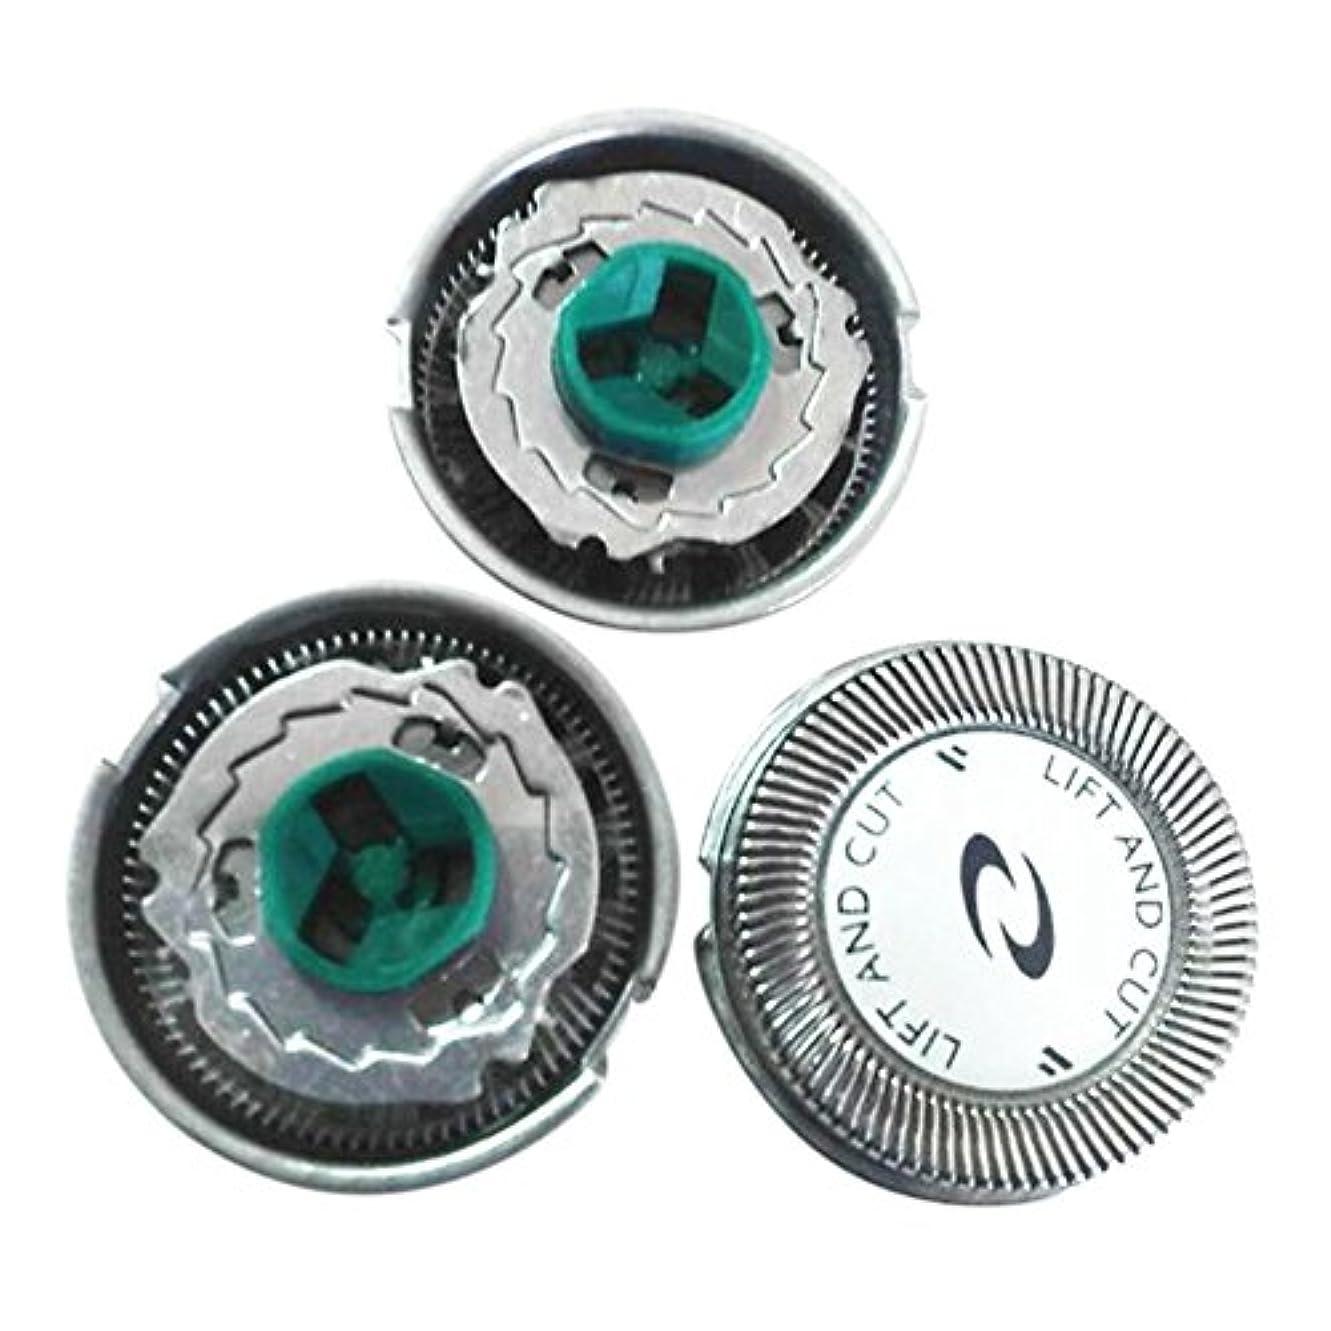 謙虚なようこそやめるHZjundasi 3x Replacement シェーバーヘッドフォイル+Cutters for Philip HQ5705/5710 PT720 AT750